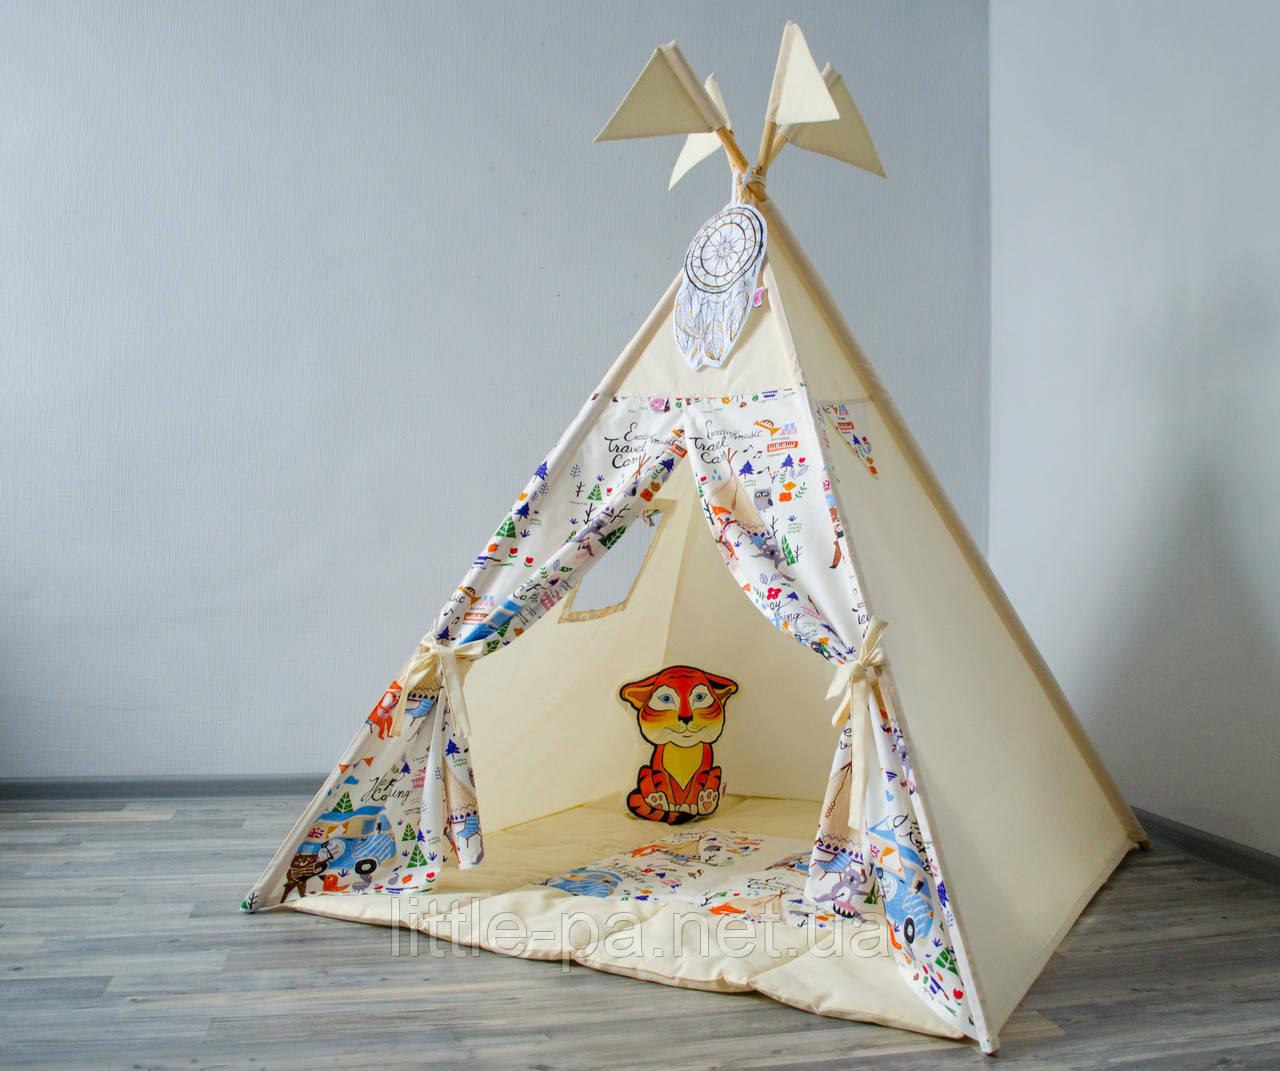 Игровой детский вигвам «Пикник» с матрасом 120х120